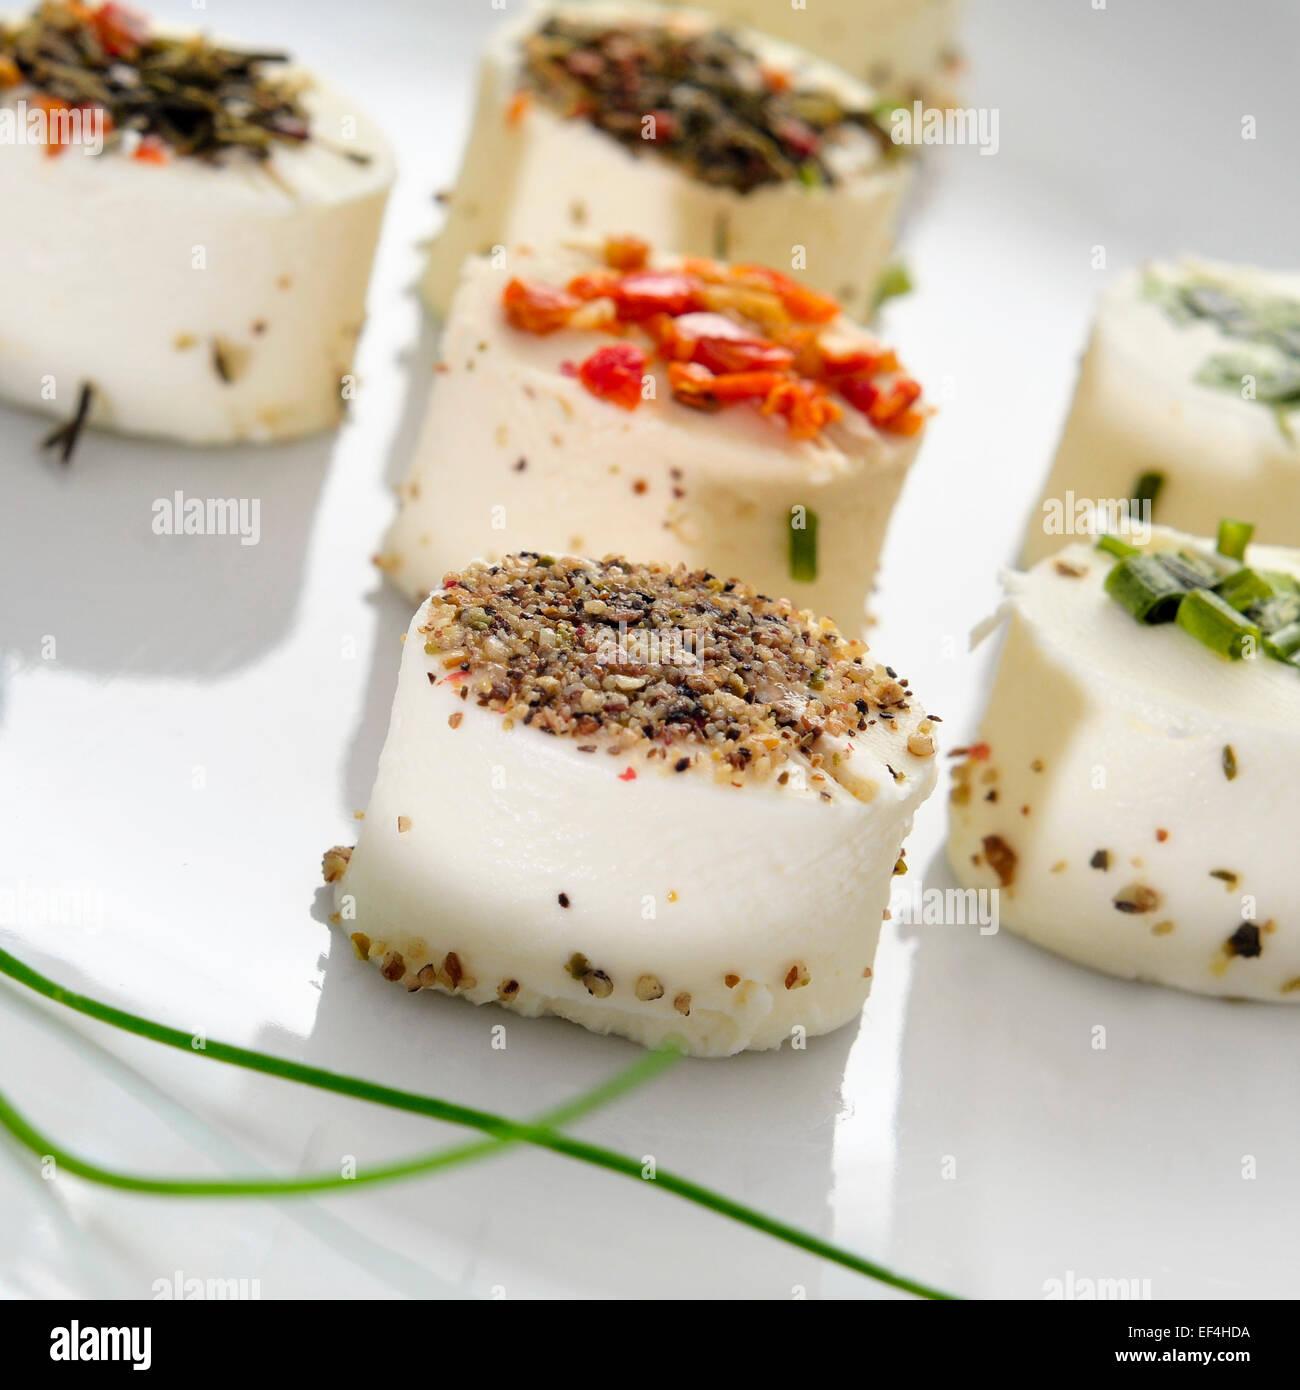 Une assiette avec un peu de fromage différents canapés recouverts de différentes épices Photo Stock